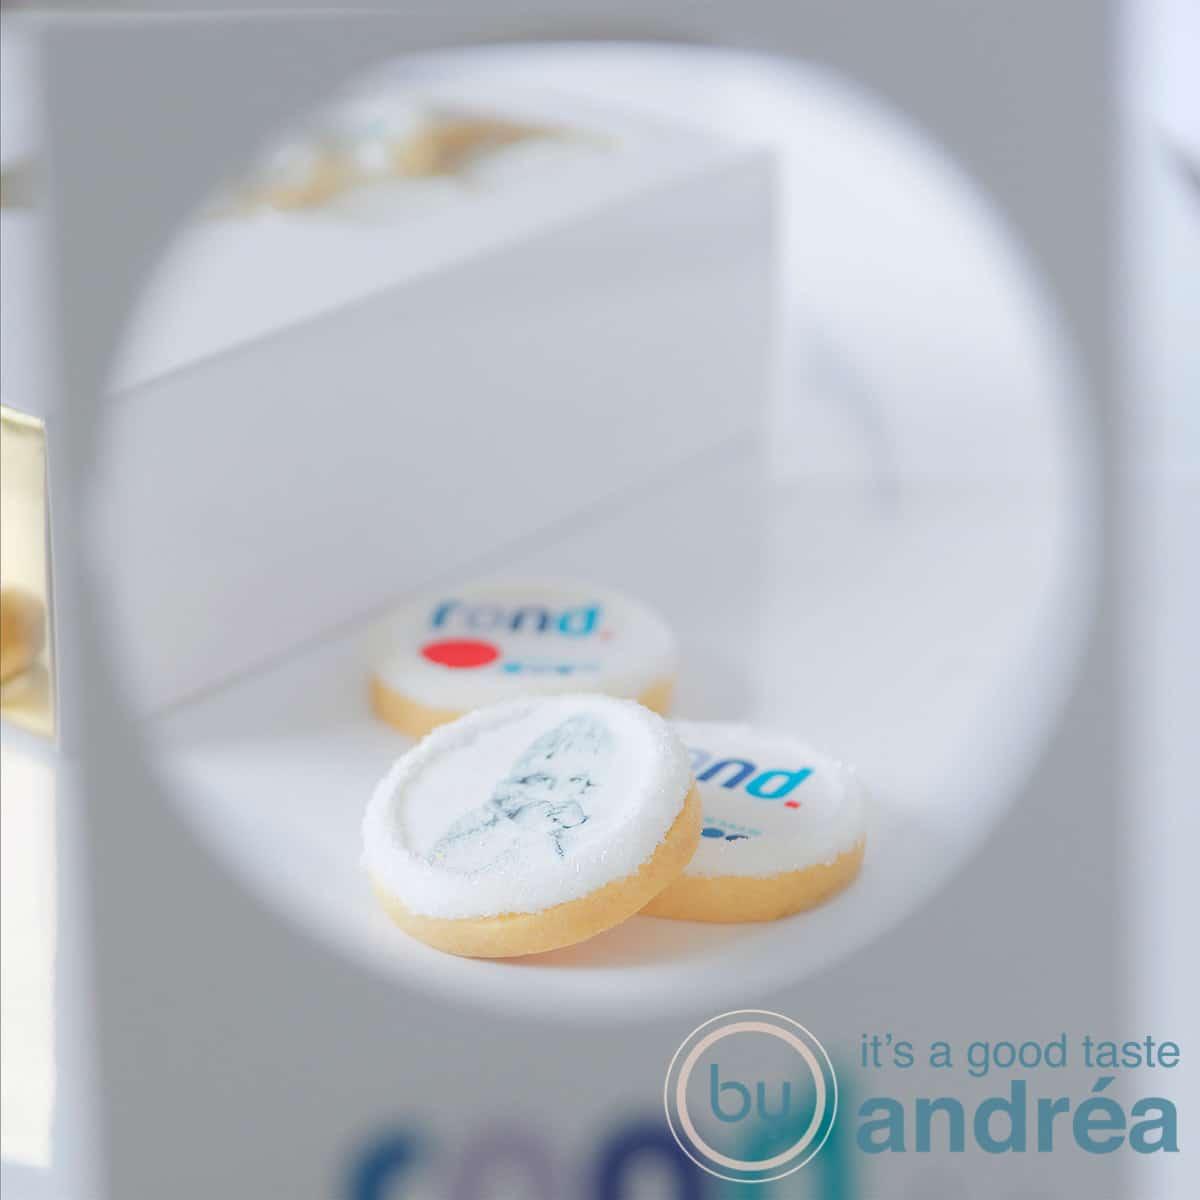 Koekjes met een foto van ROND. producten door een marketing tool geschoten